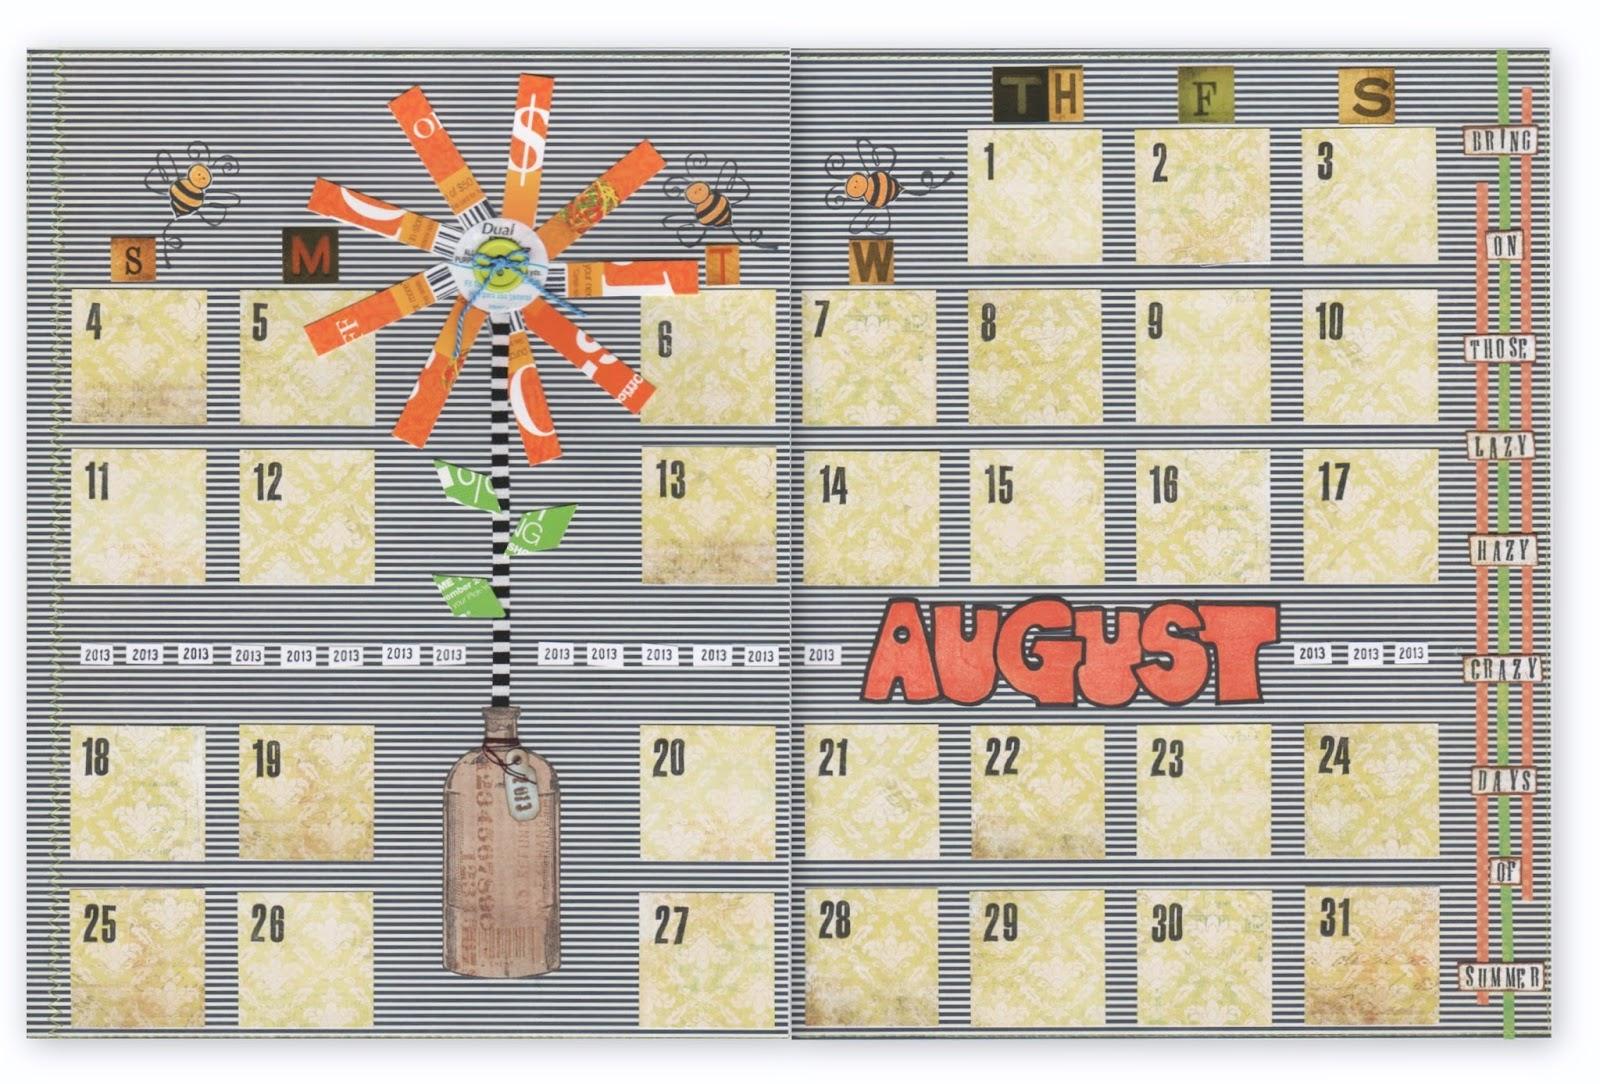 Calendar Art Journal : Freezeframe art calendar journal august